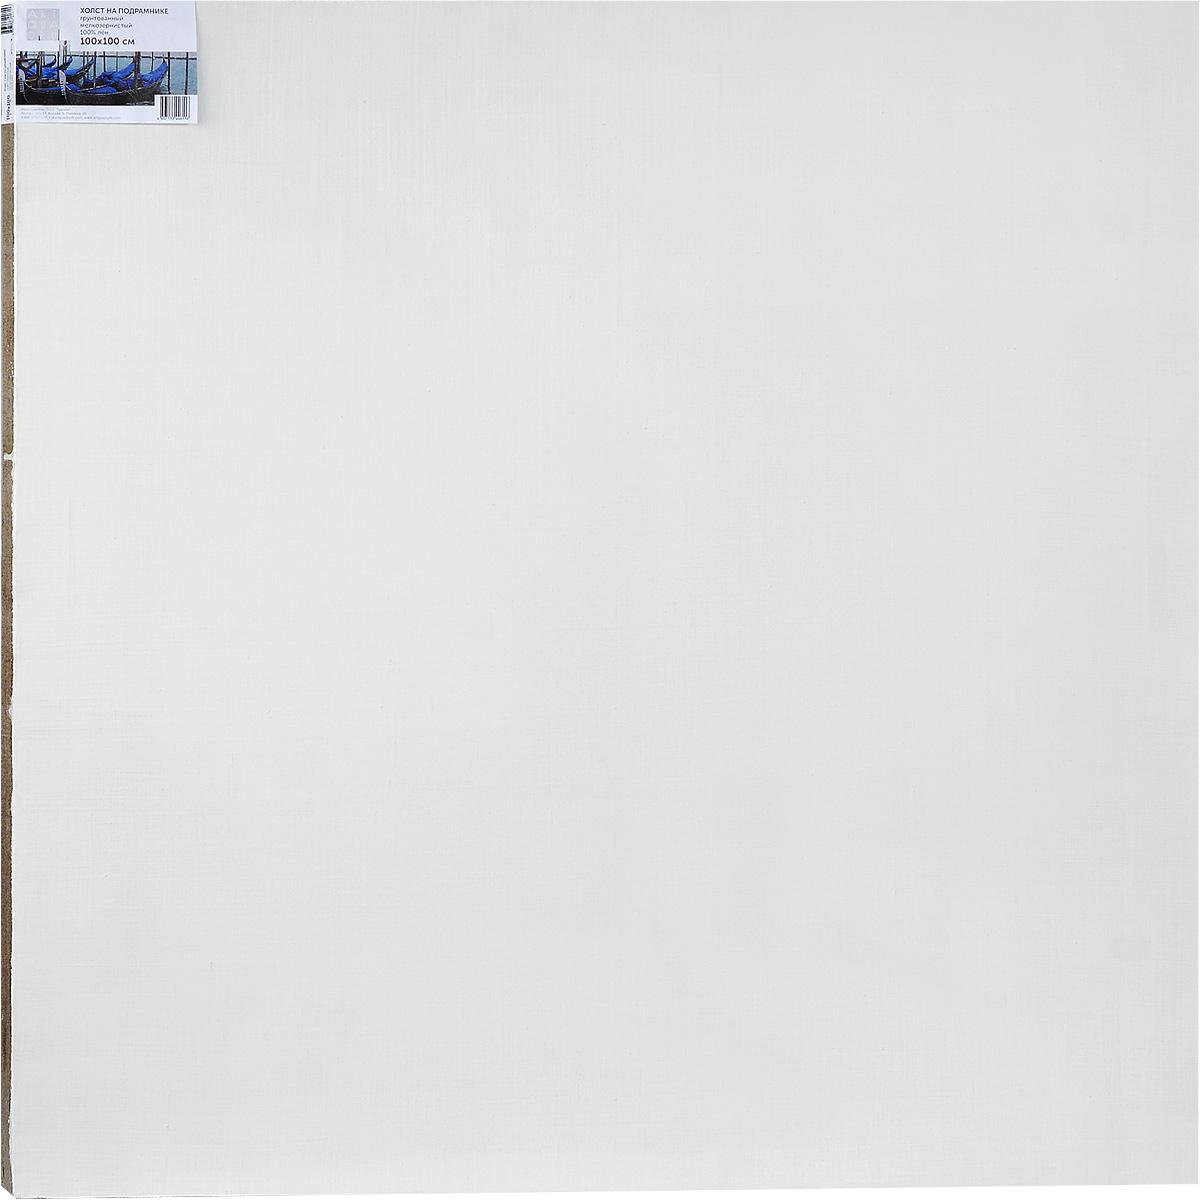 Холст ArtQuaDram Мелкозернистый на подрамнике, грунтованный, 100 х 100 смТ0003811Холст на деревянном подрамнике ArtQuaDram Мелкозернистый изготовлен из 100% натурального льна. Подходит для профессионалов и художников. Холст не трескается, не впитывает слишком много краски, цвет краски и качество не изменяются. Холст идеально подходит для масляной и акриловой живописи.